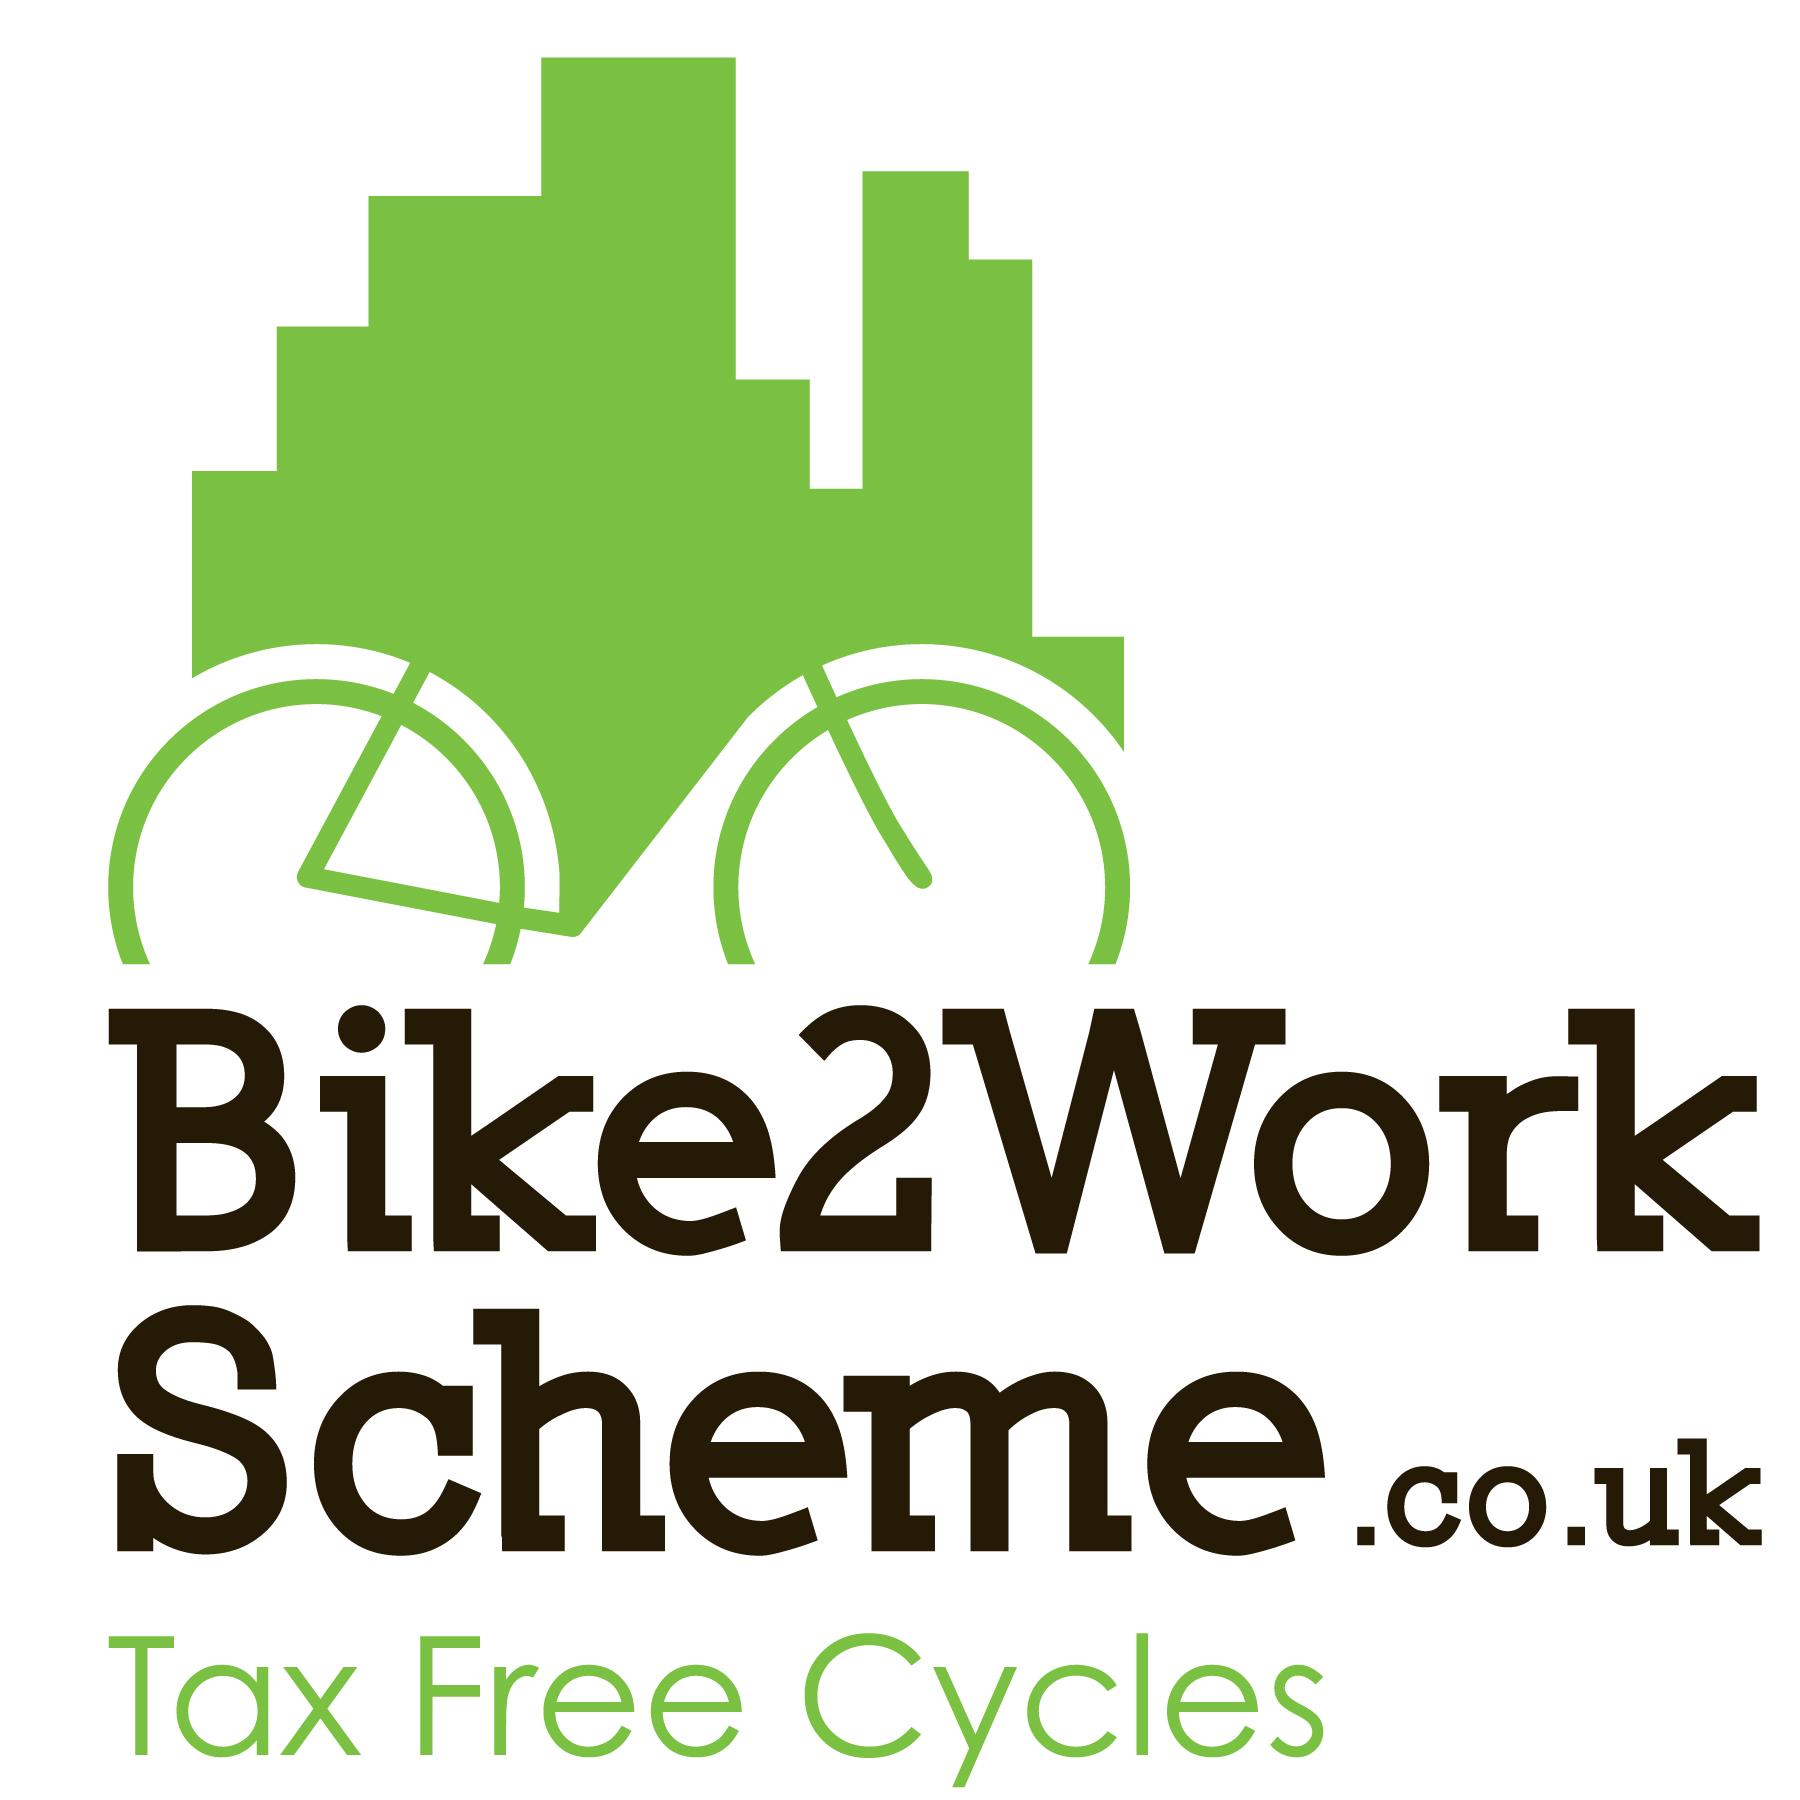 Cycle 2 work scheme.